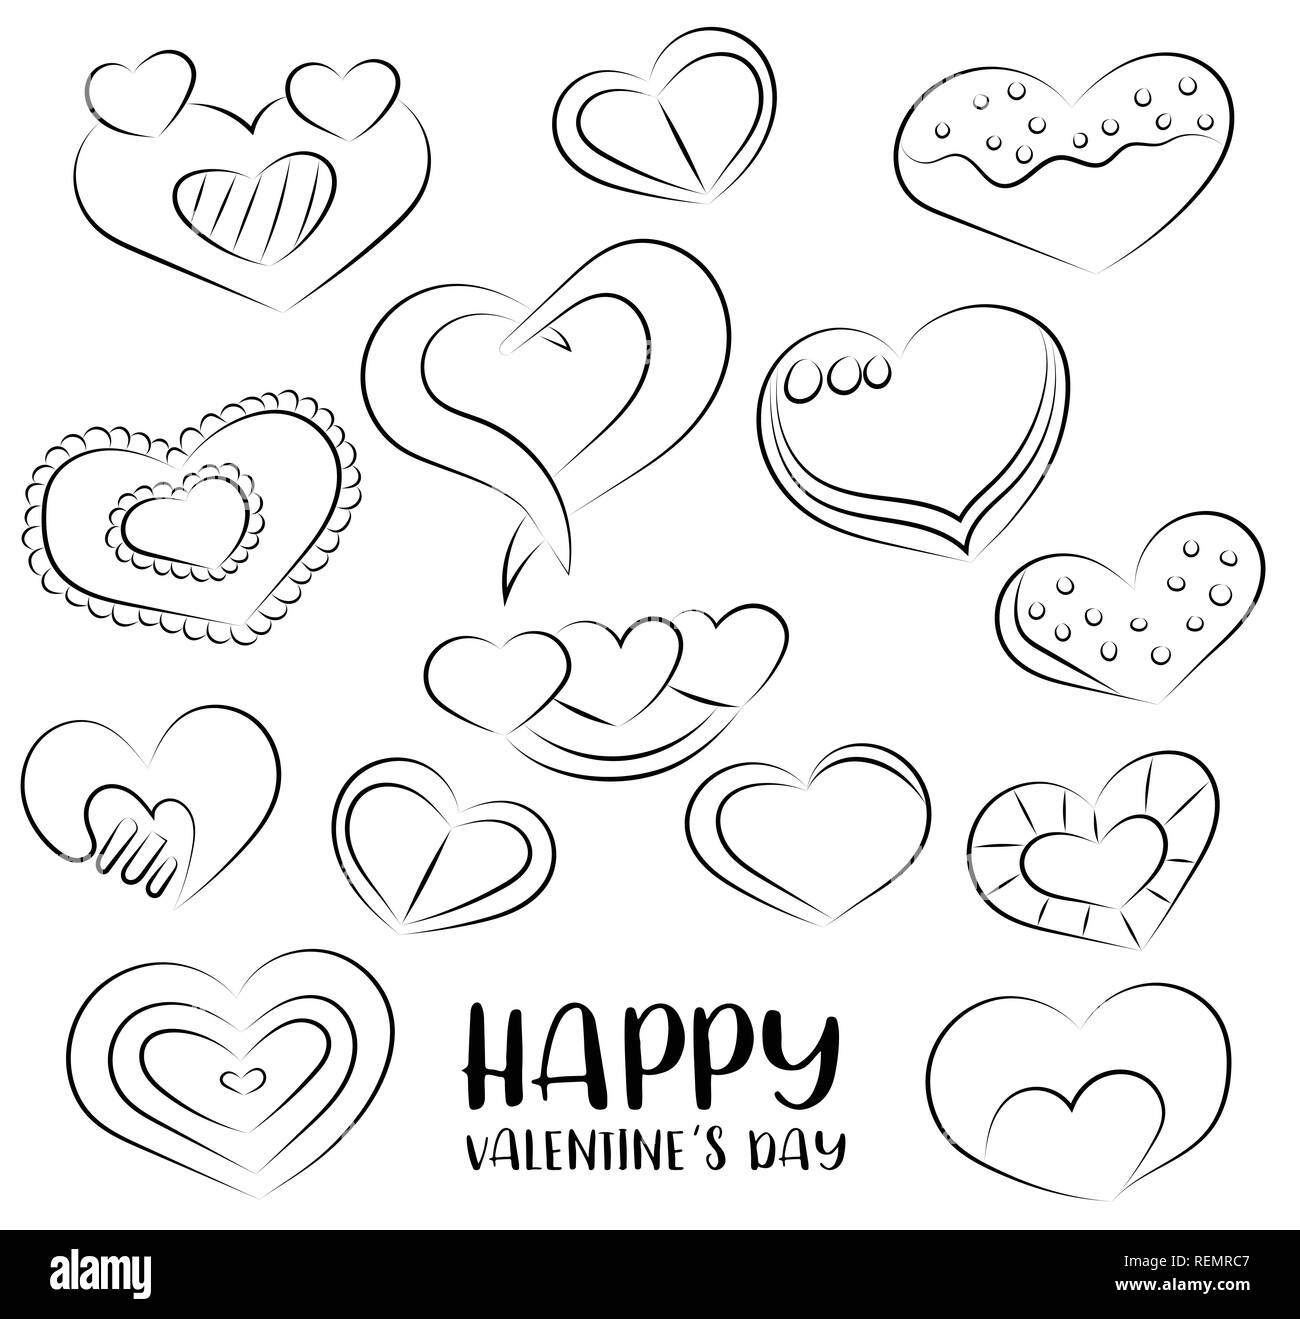 Día De San Valentín Conjunto De Iconos Y Objetos Doodle Dibujados A